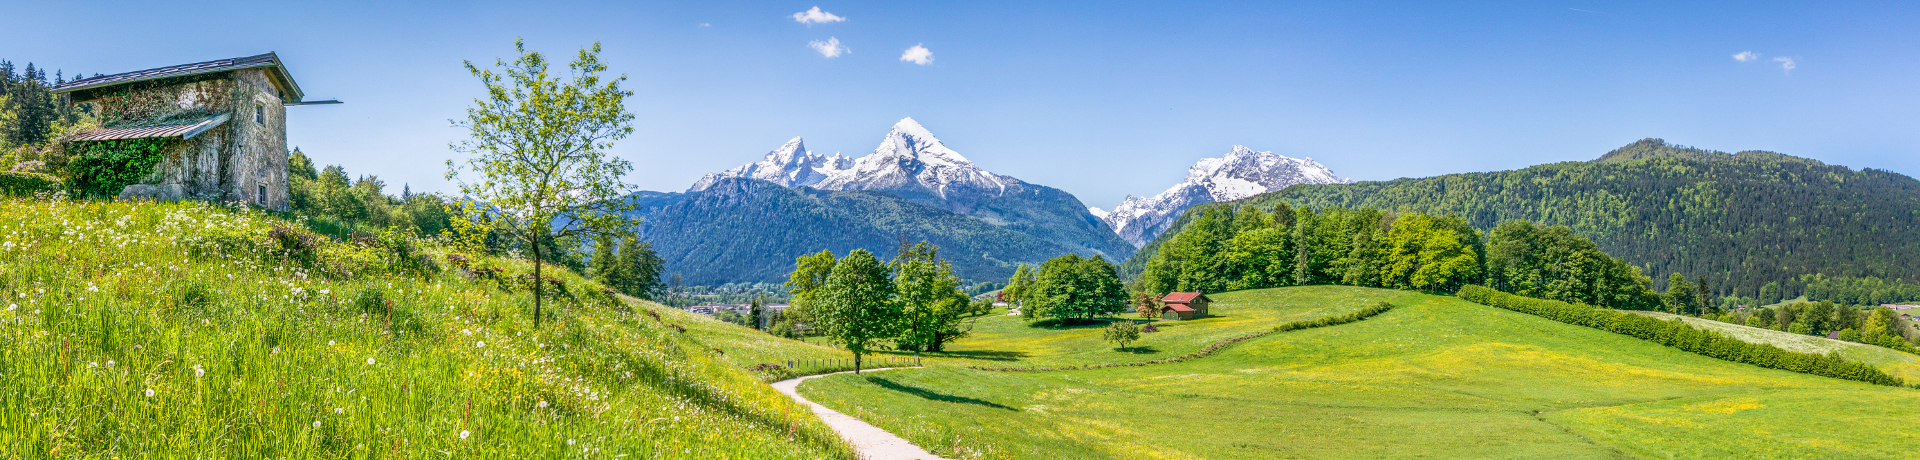 Die 10 Beliebtesten Reiseziele In Deutschland Check24